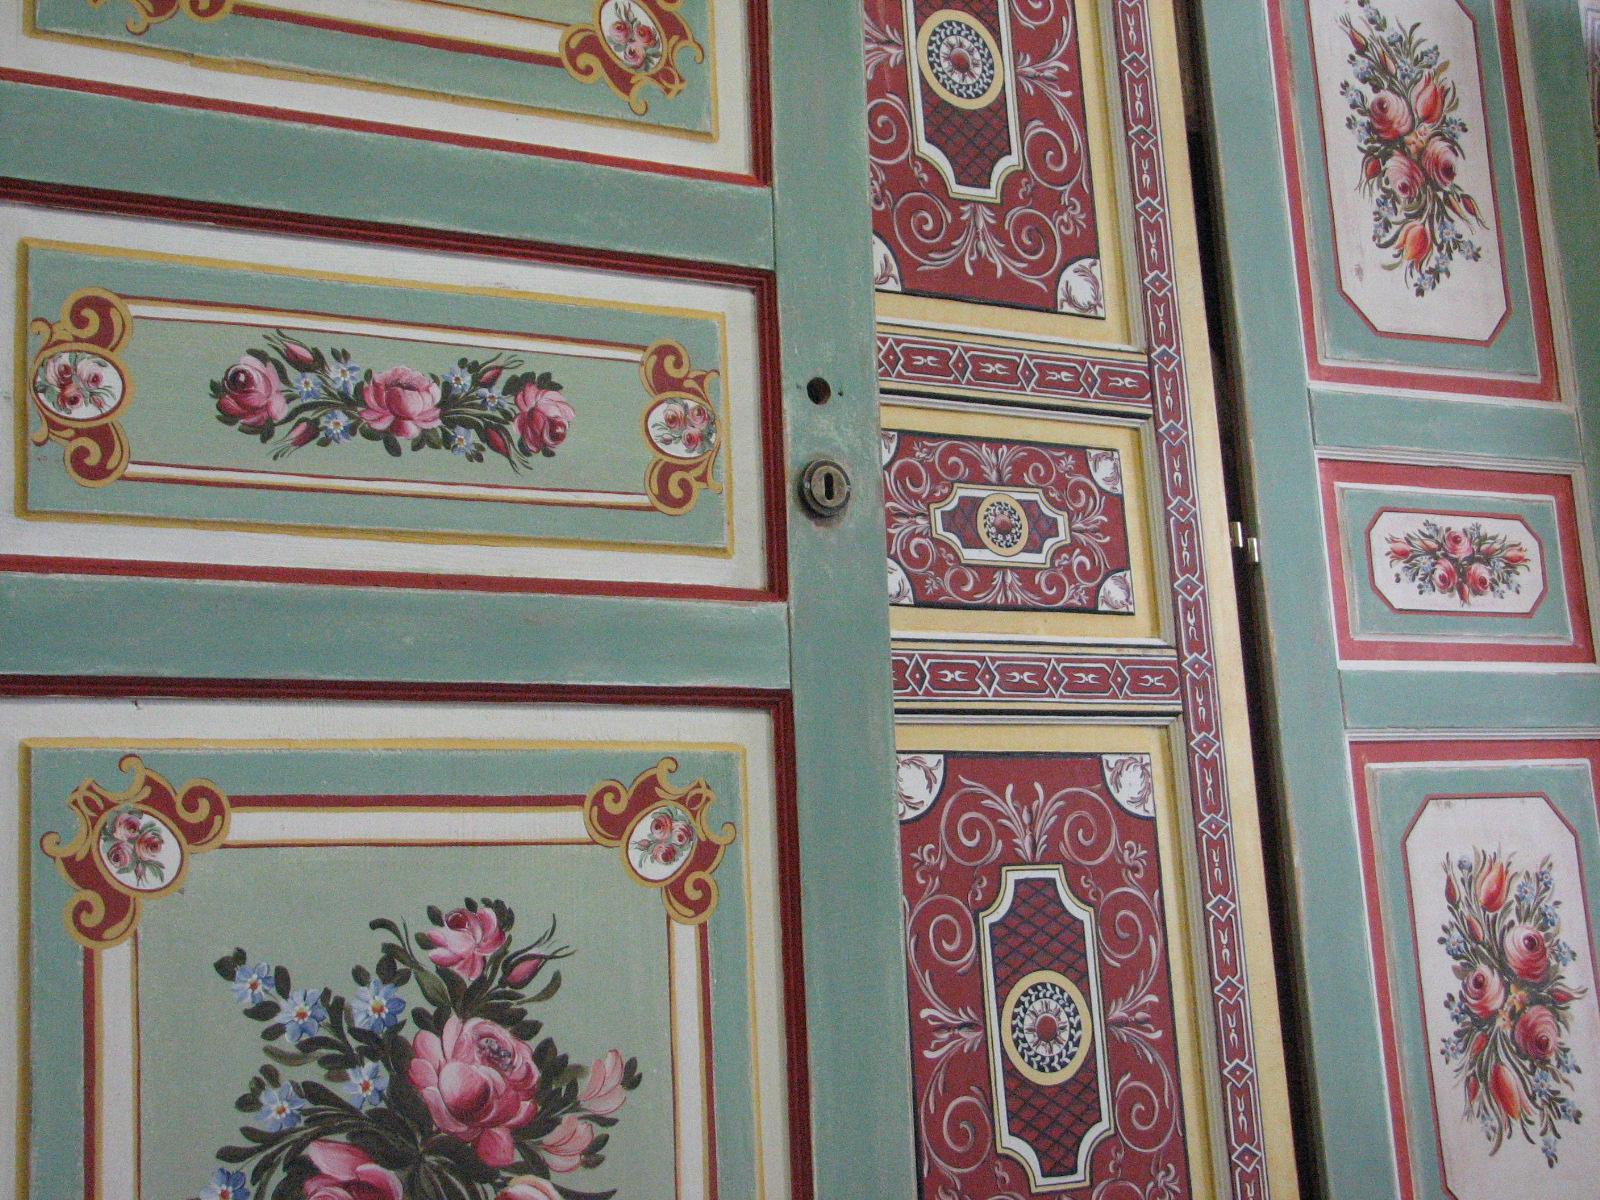 Selské dveře na chalupu s ruční oboustrannou malbou květin a ornamentů 2